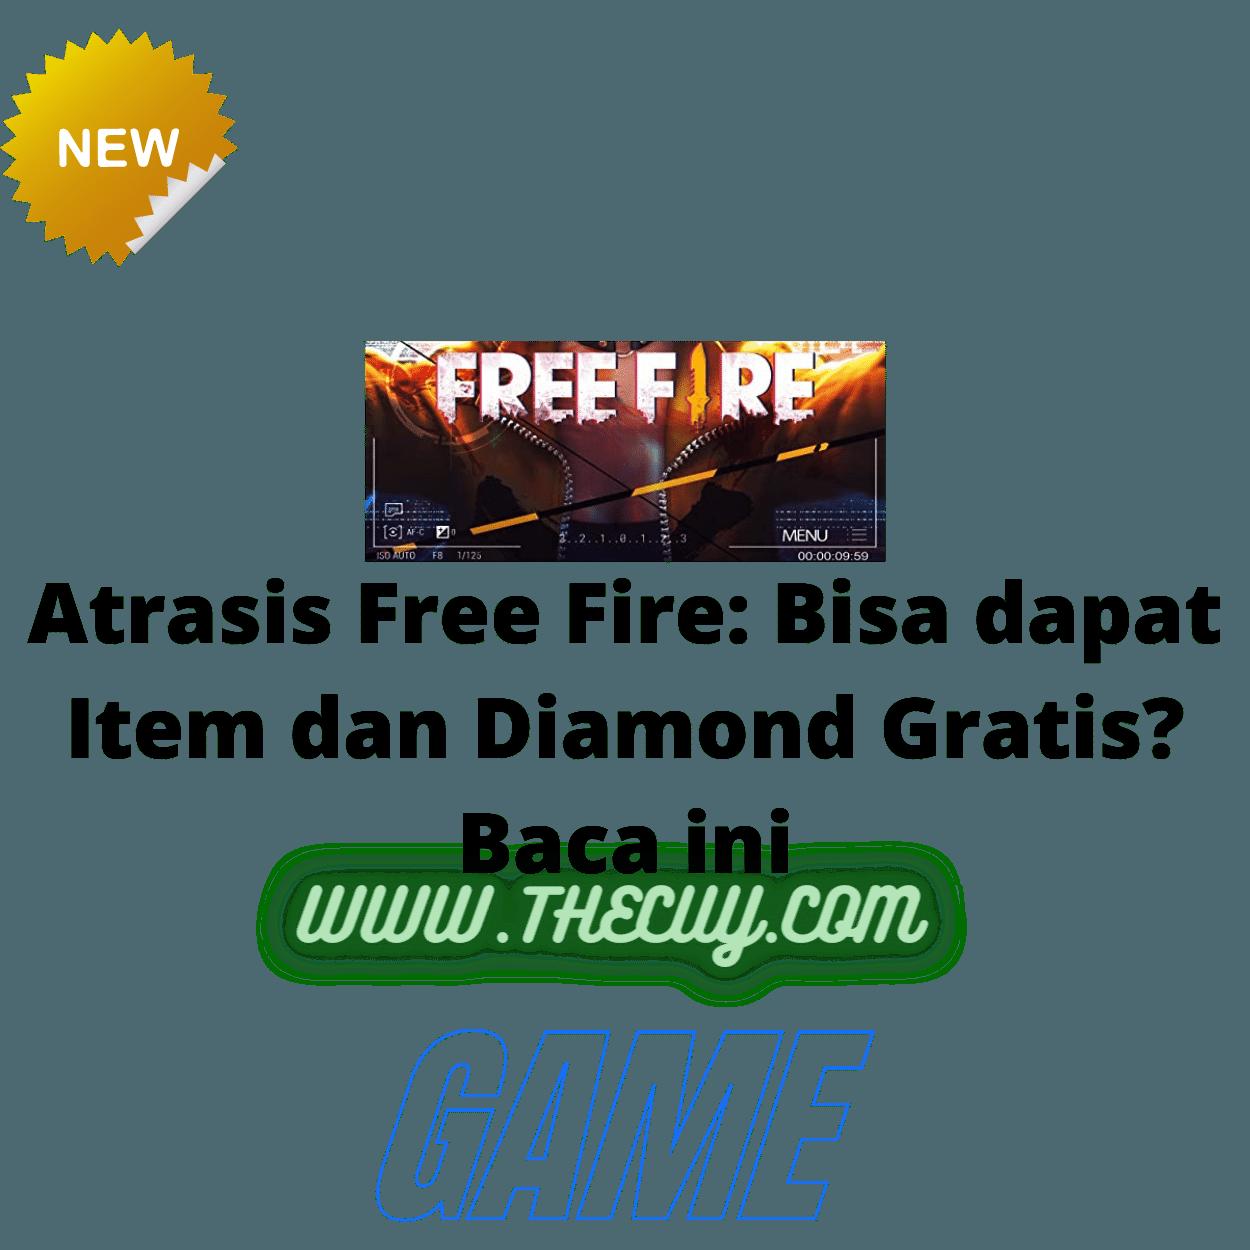 Atrasis Free Fire: Bisa dapat Item dan Diamond Gratis? Baca ini